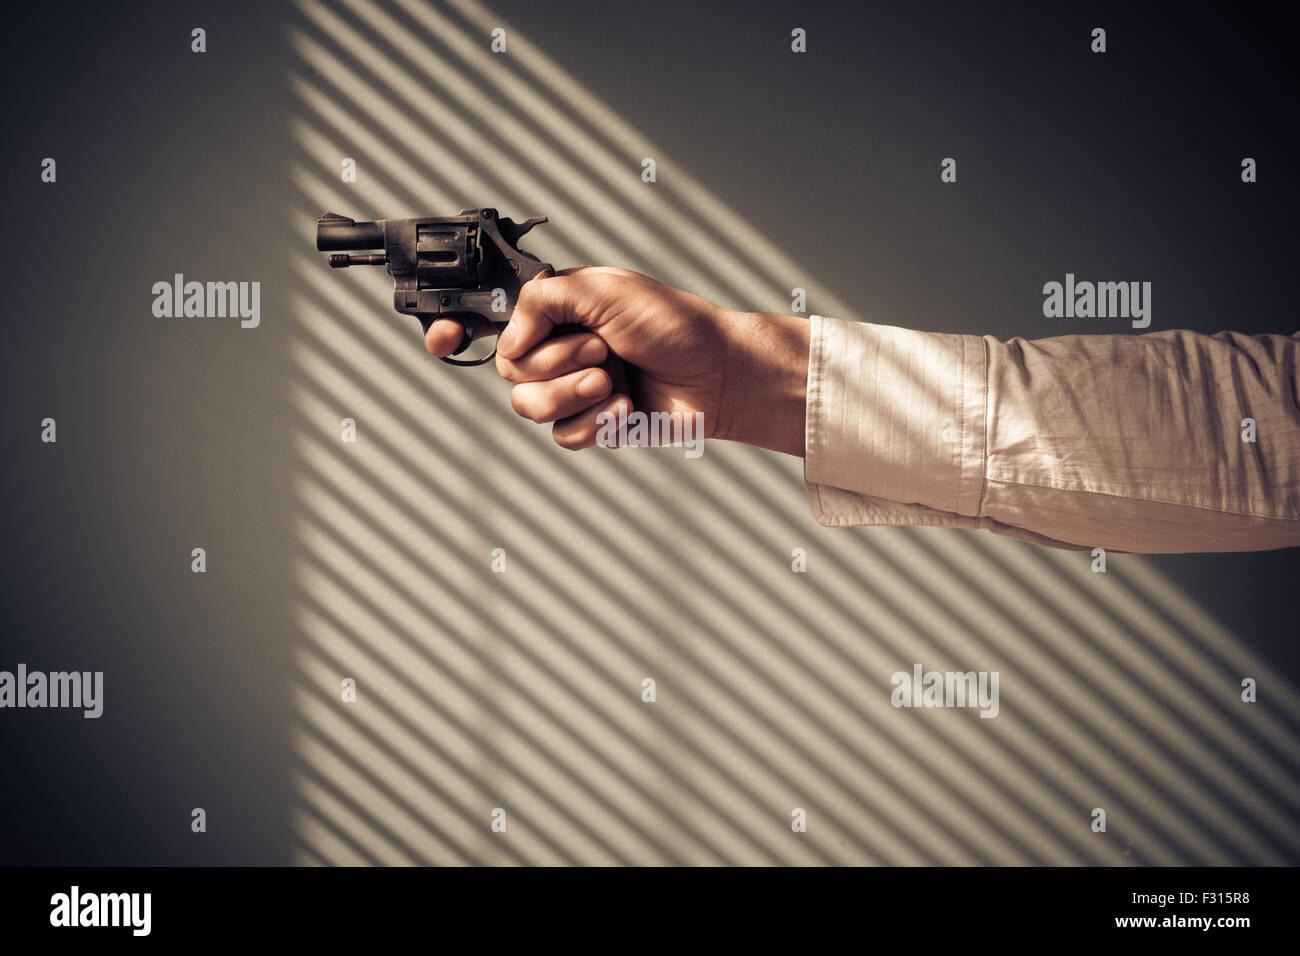 Mann zeigt einen Revolver an einem Fenster mit Schatten von den blinds Stockbild